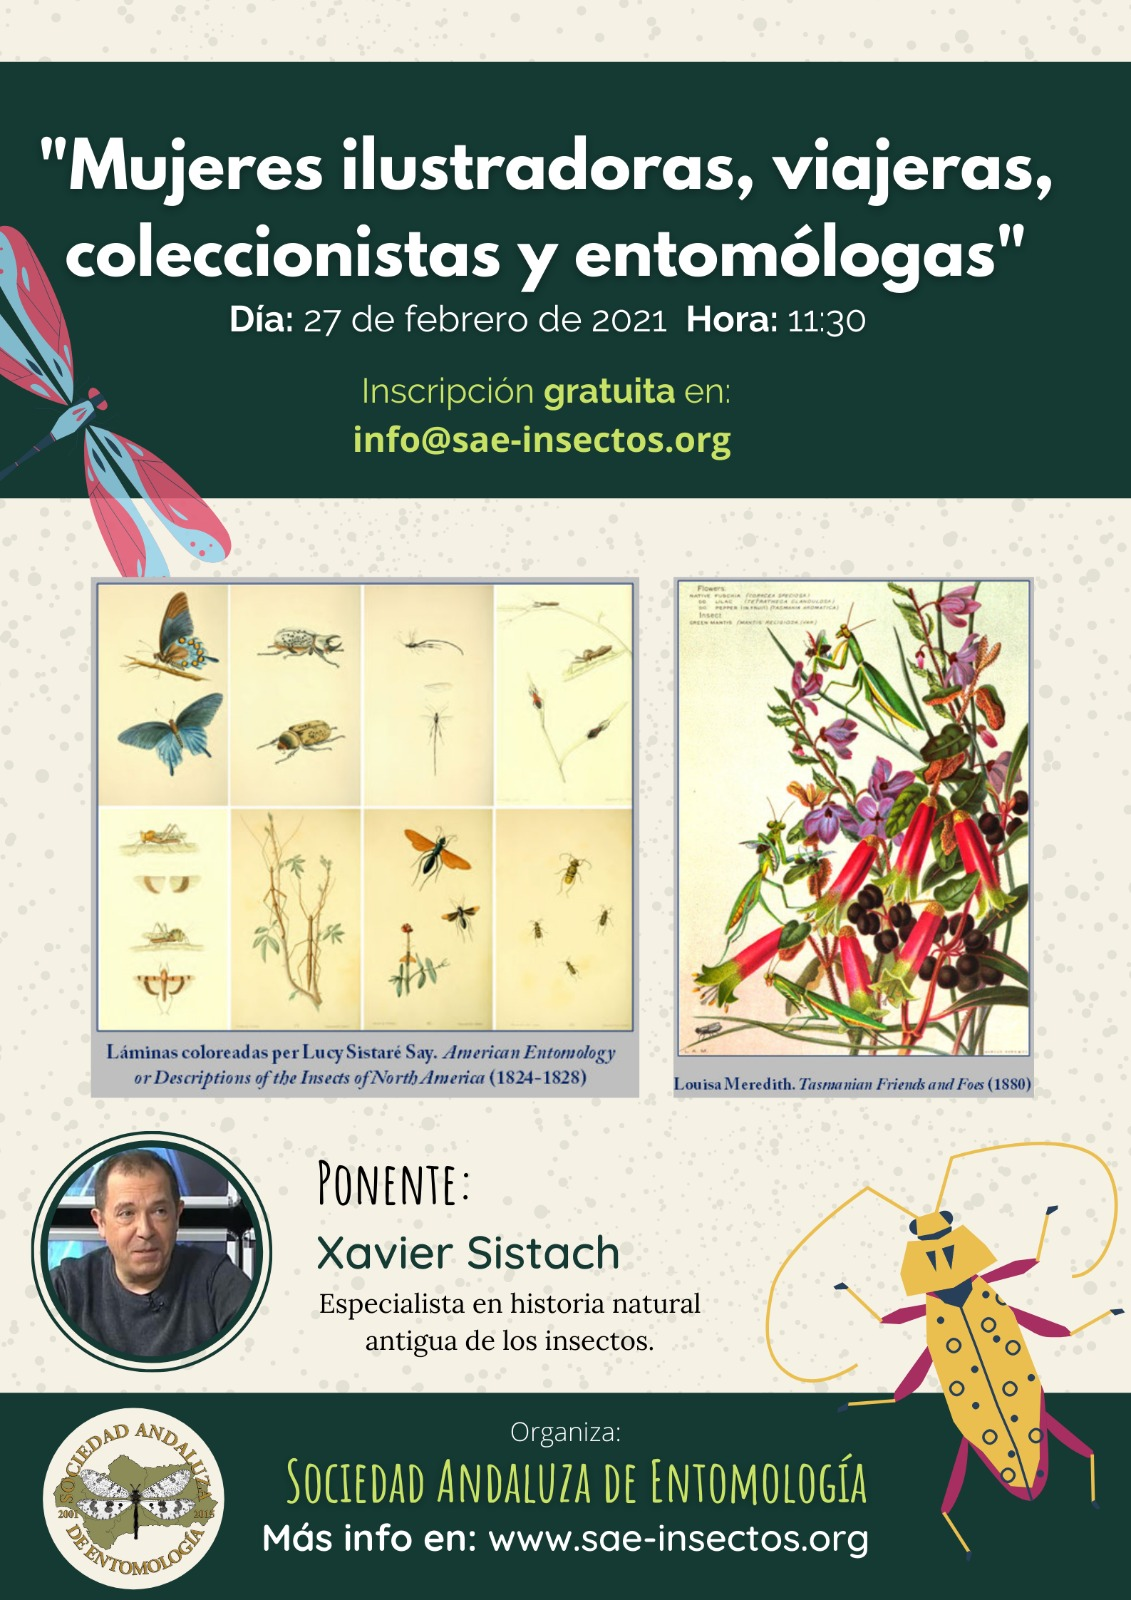 'Mujeres ilustradoras, viajeras, coleccionistas y entomólogas', con SAE